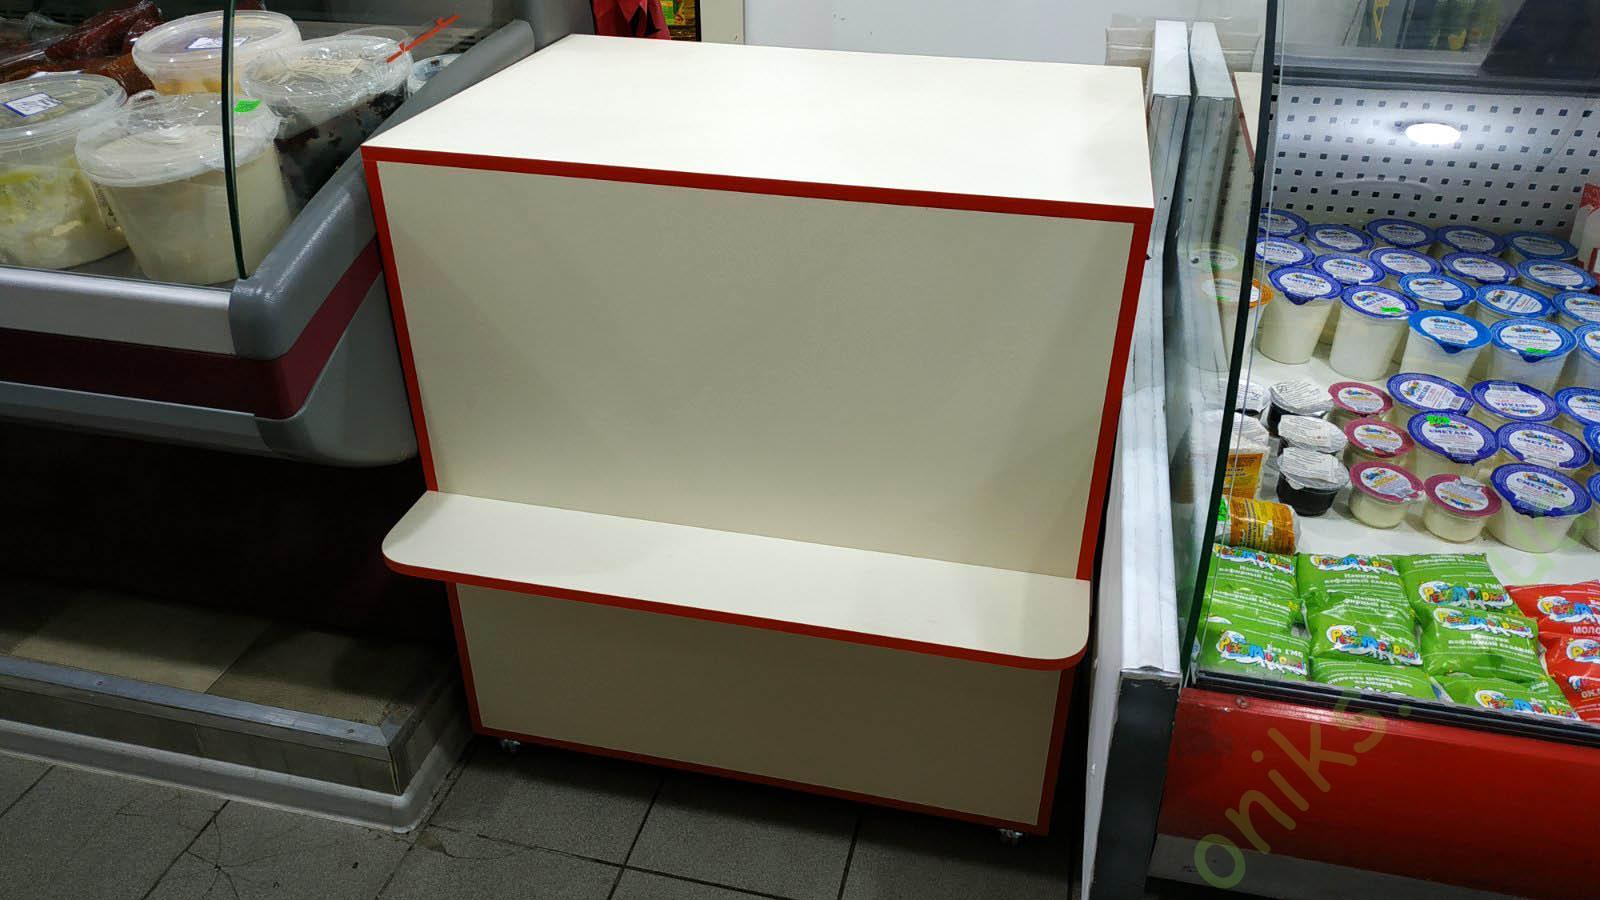 Купить прилавок продавца с выдвижными ящиками и полкой для покупателя в Донецке